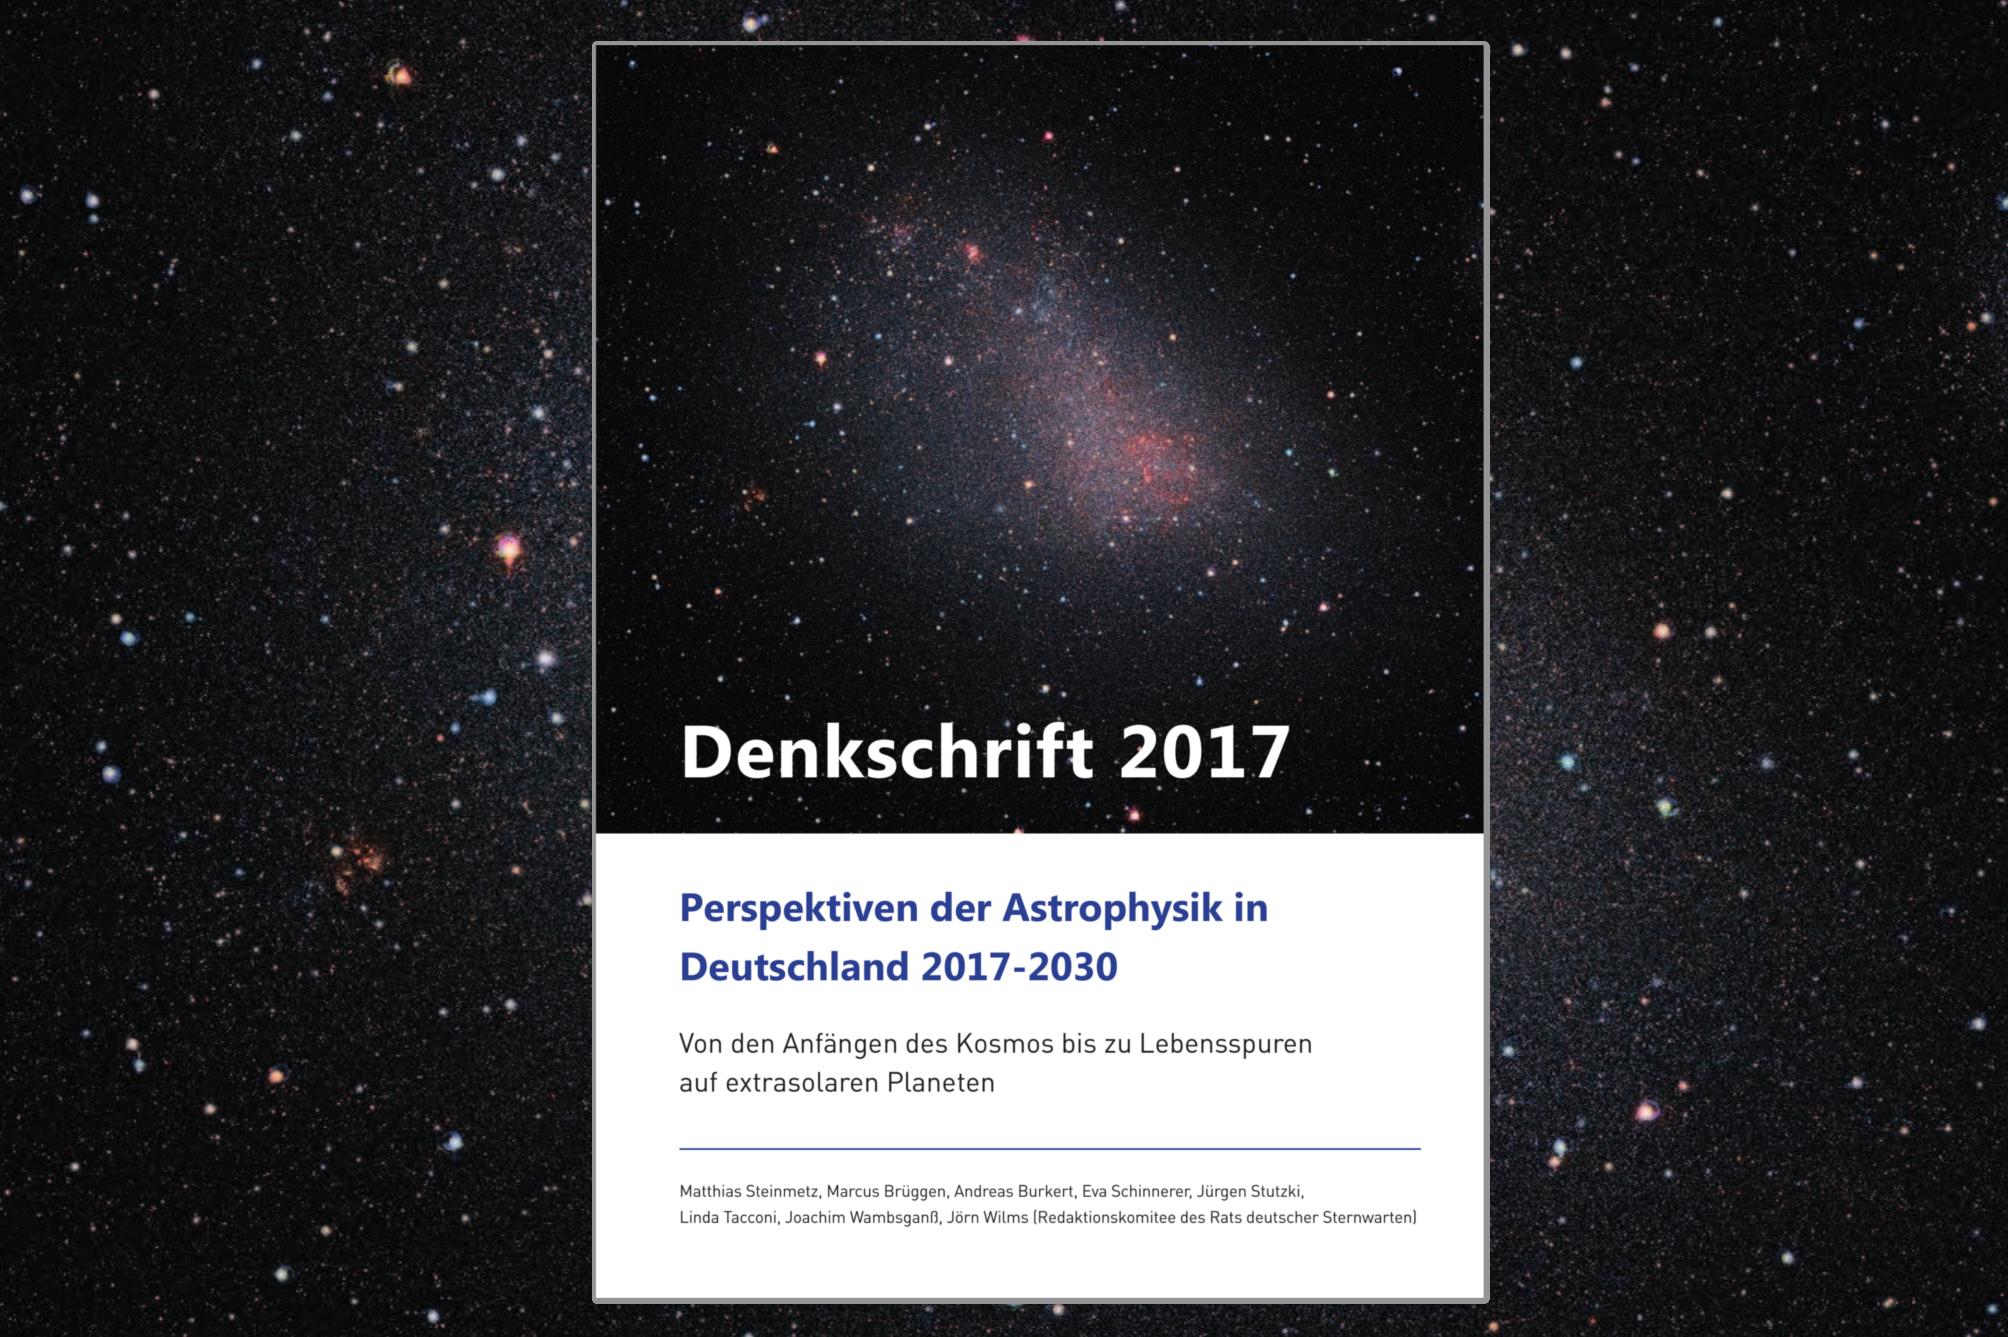 Denkschrift 2017